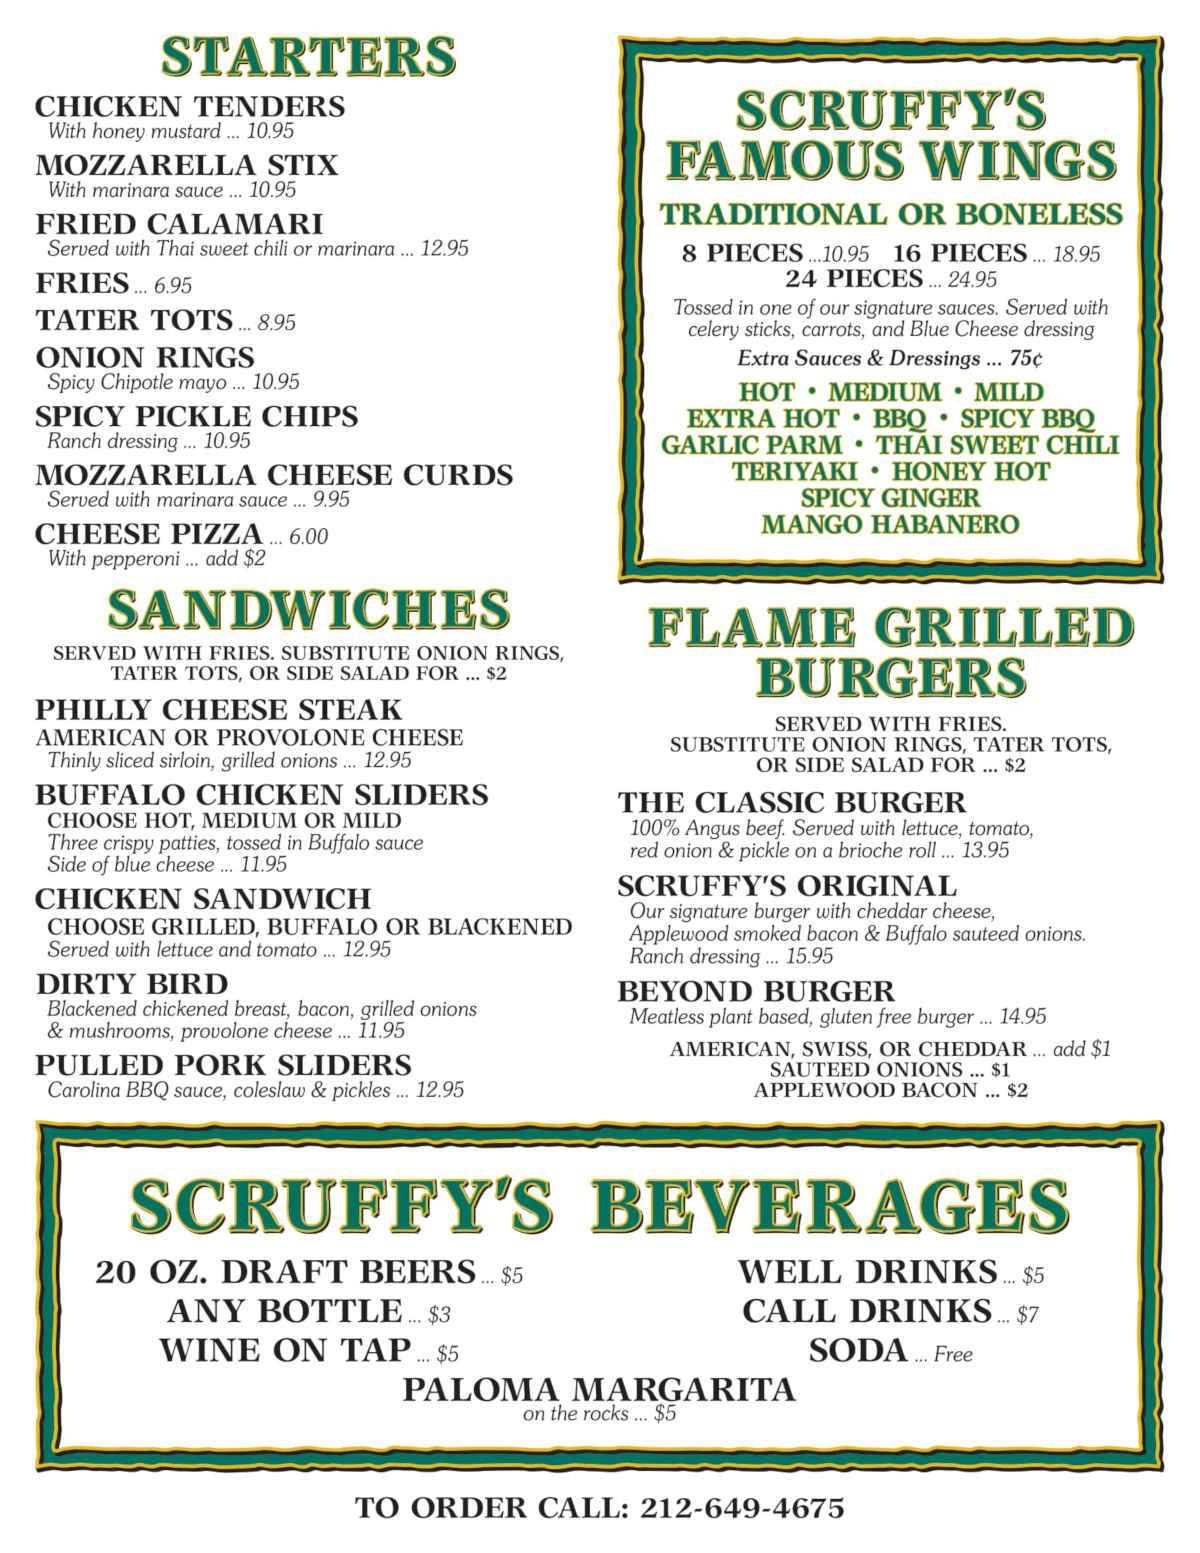 second take out menu